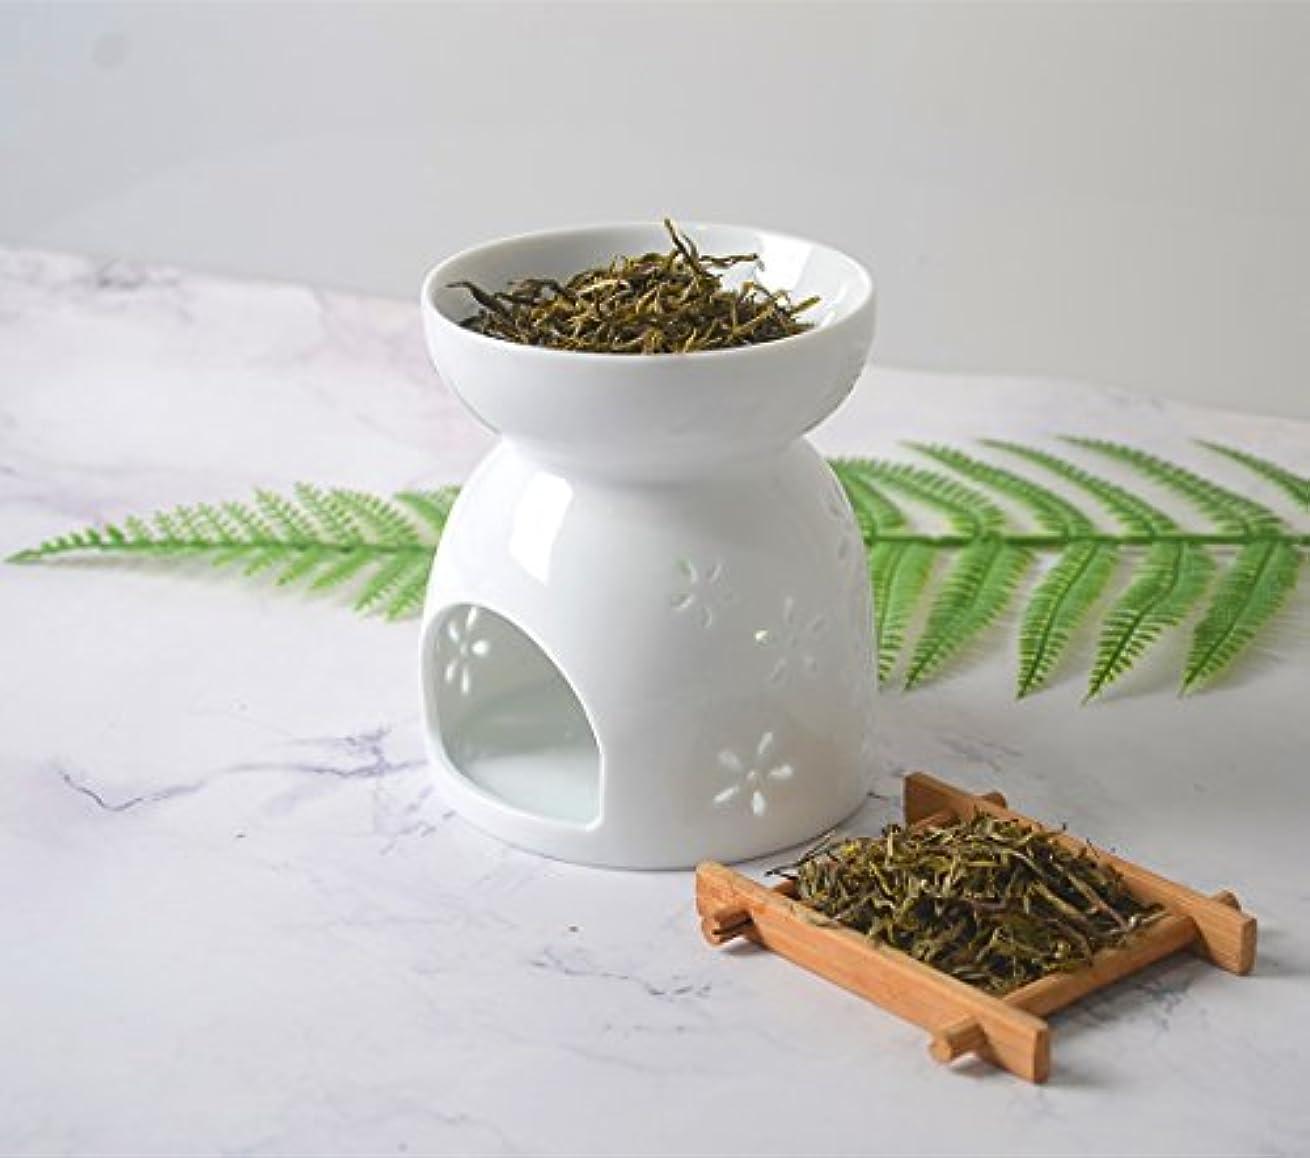 好きであるしてはいけません人間Hwagui アロマ炉 癒しの 香り 茶 香炉 茶香炉 陶器 おしゃれ 贈り物 お茶の香り ホワイト 人気商品 陶芸 置物 消臭と love